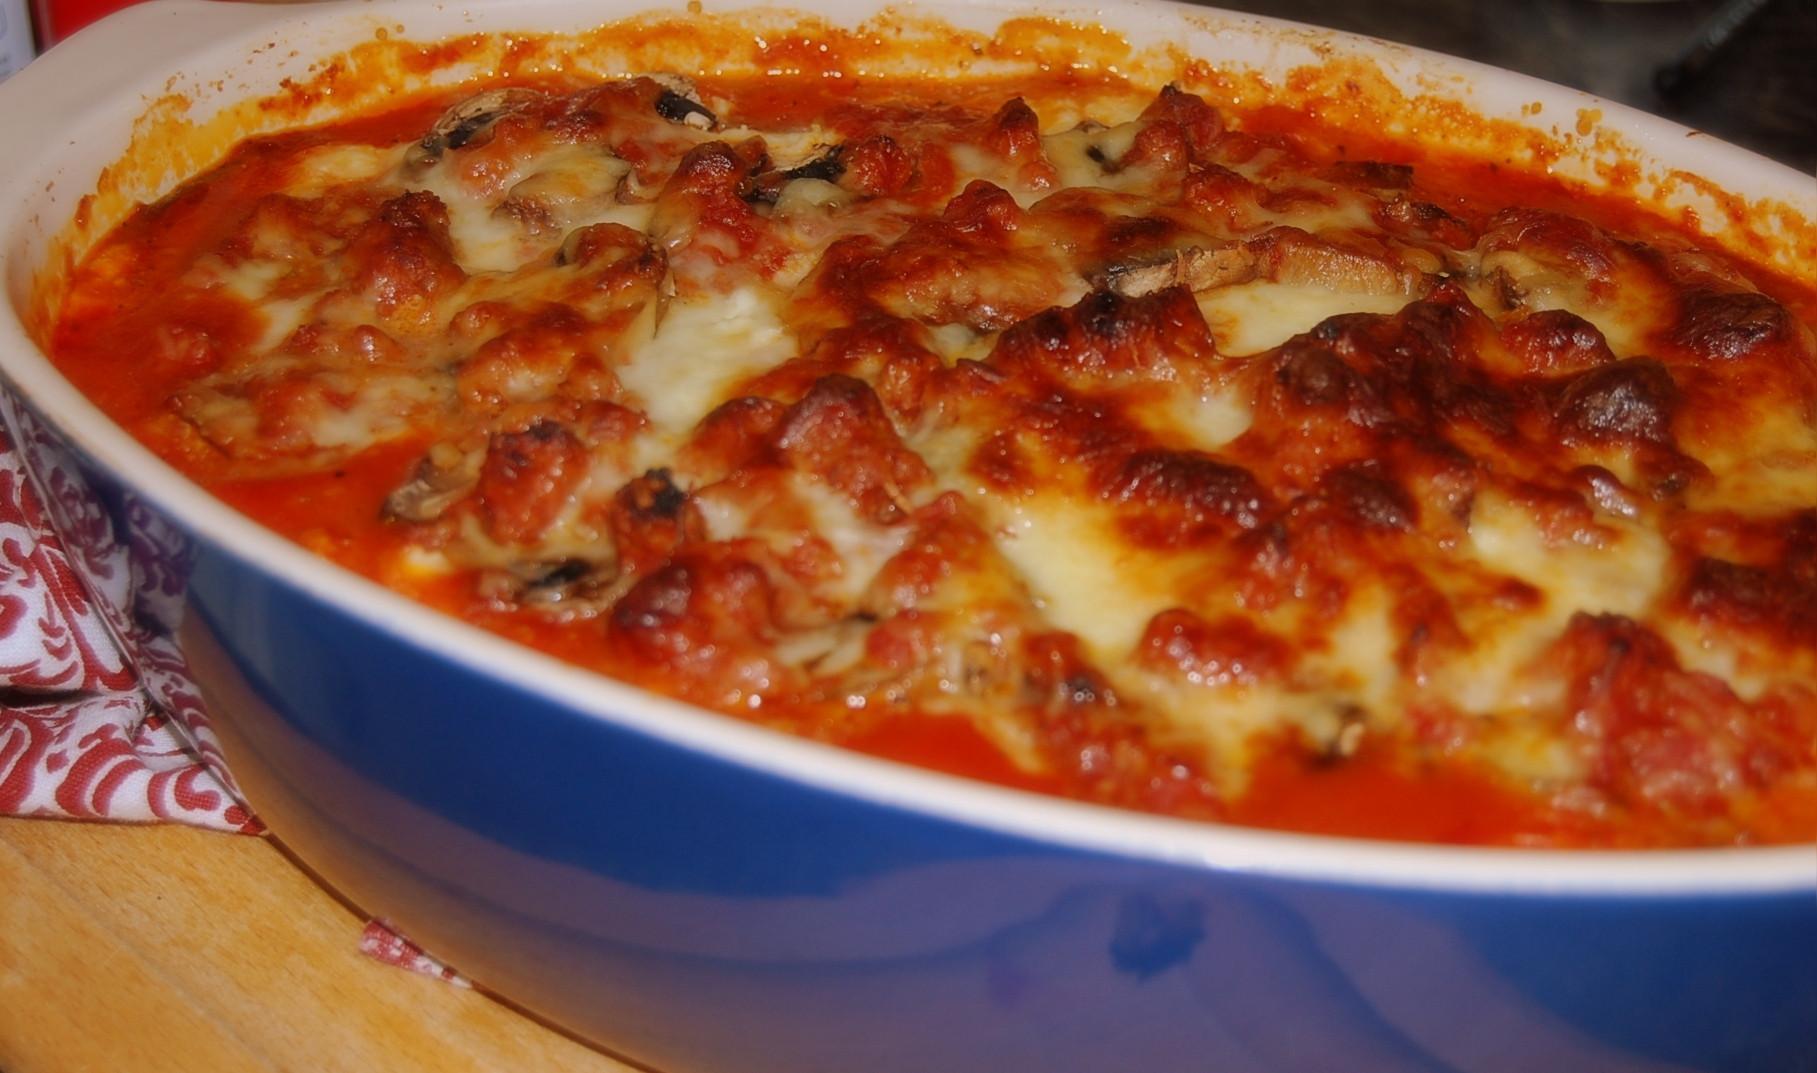 Eggplant Lasagna Healthy  Healthy Eggplant Lasagna With Meat